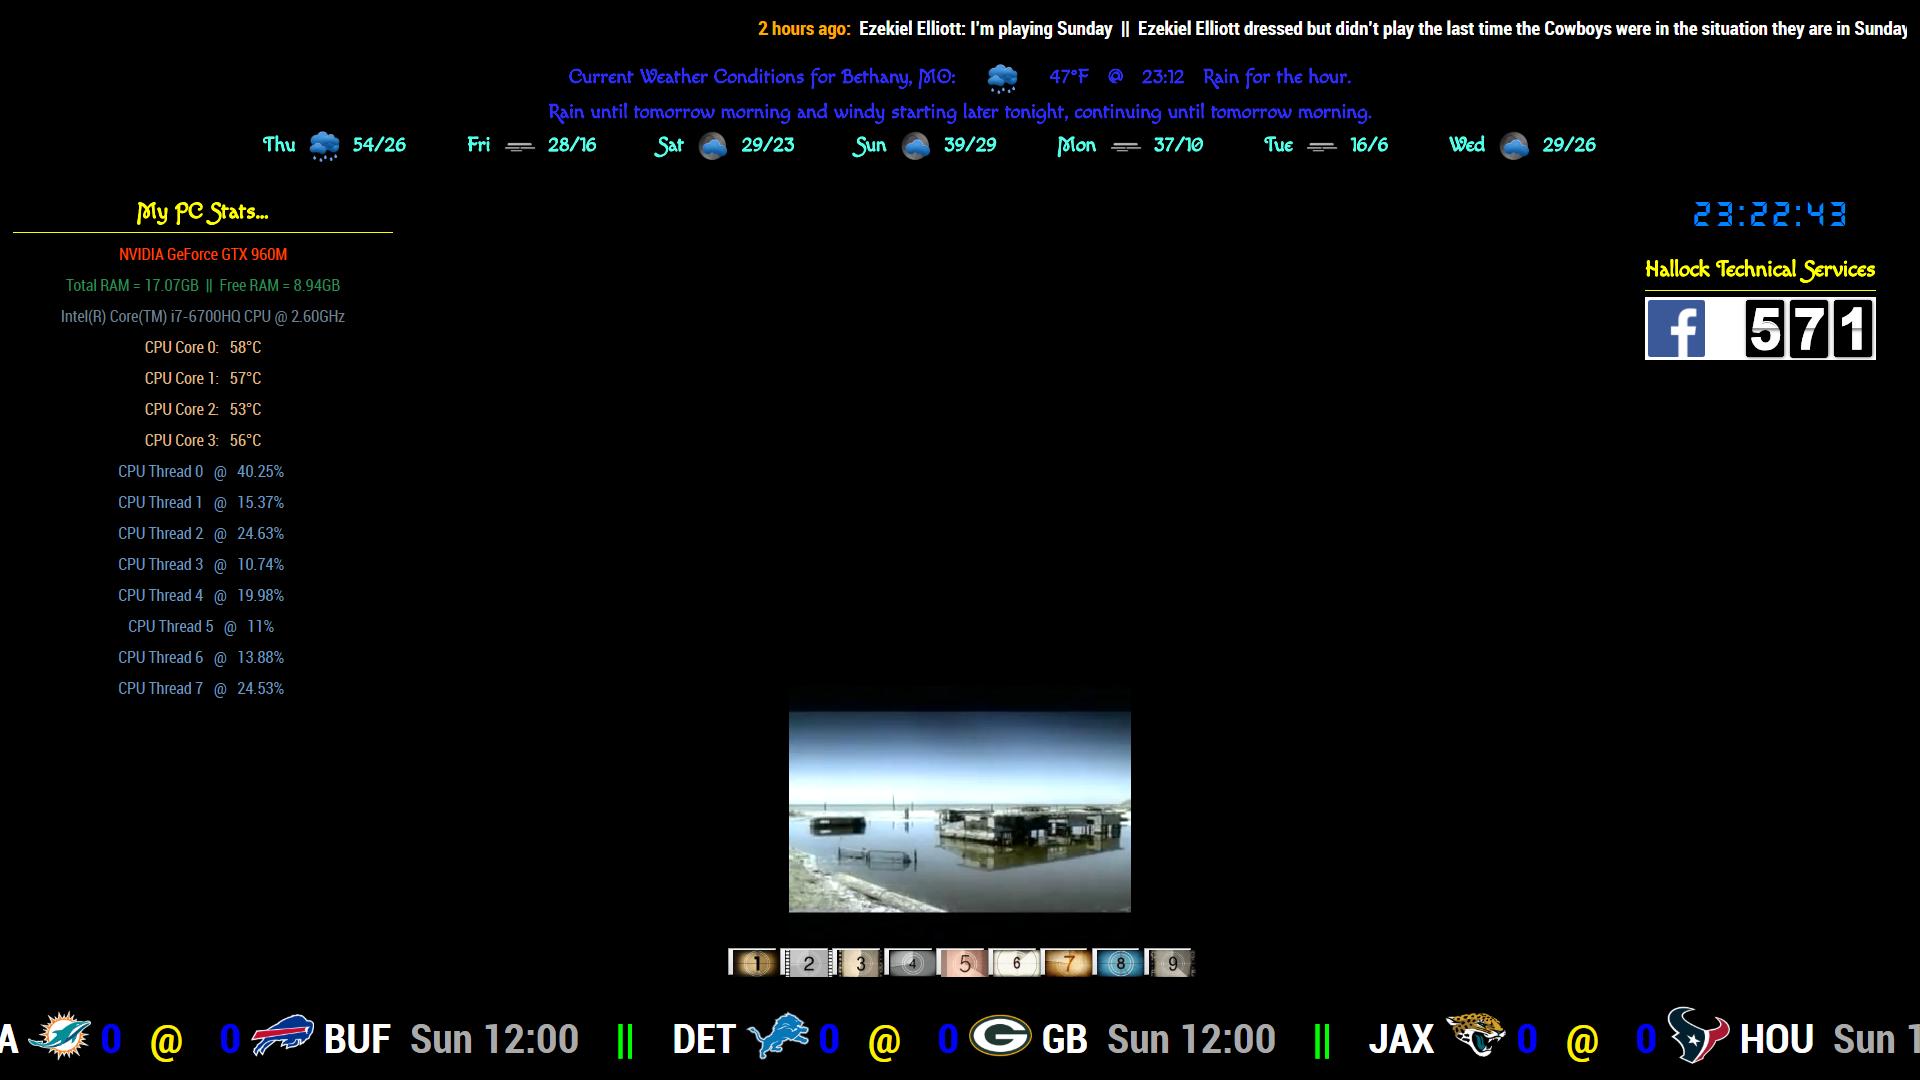 ScreenShot of button #1